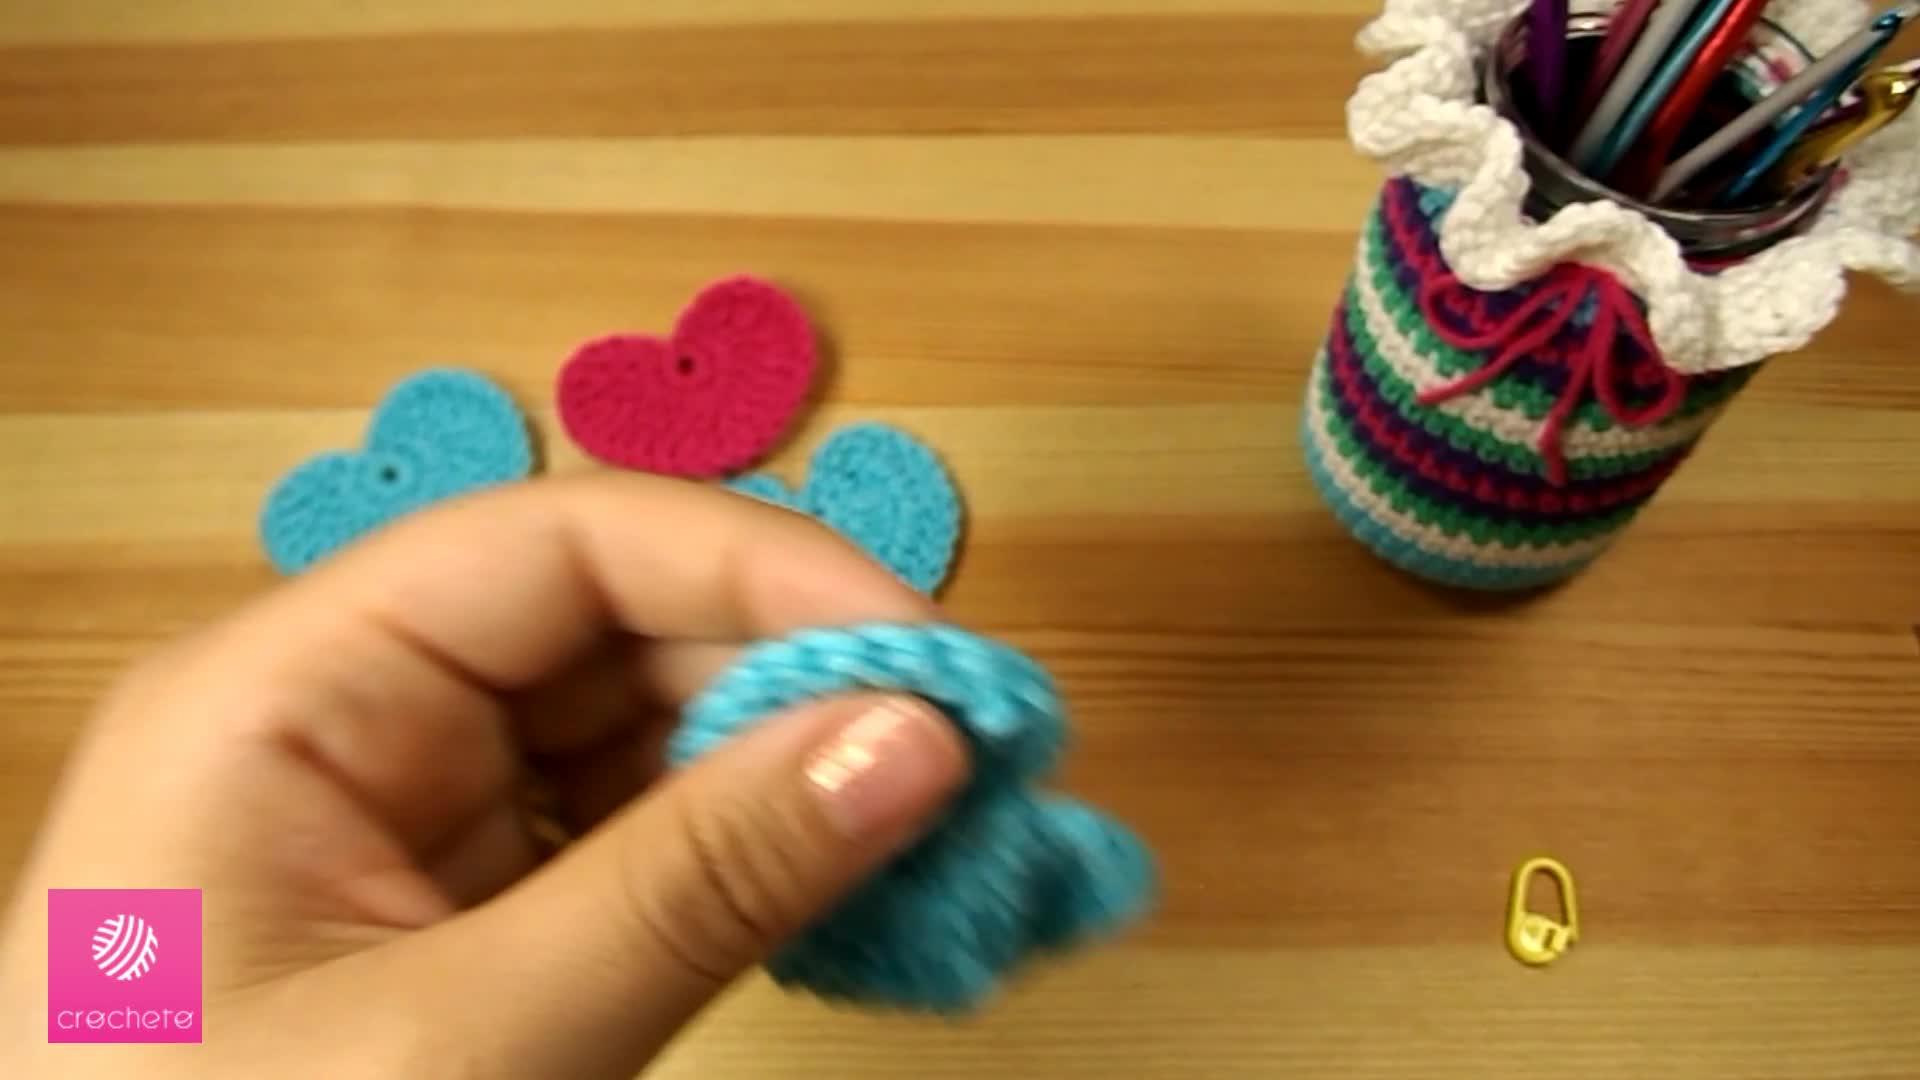 تعليم الكروشيه القلب البسيط Learn how to Crochet Simple Heart - Crochet heart pattern 10